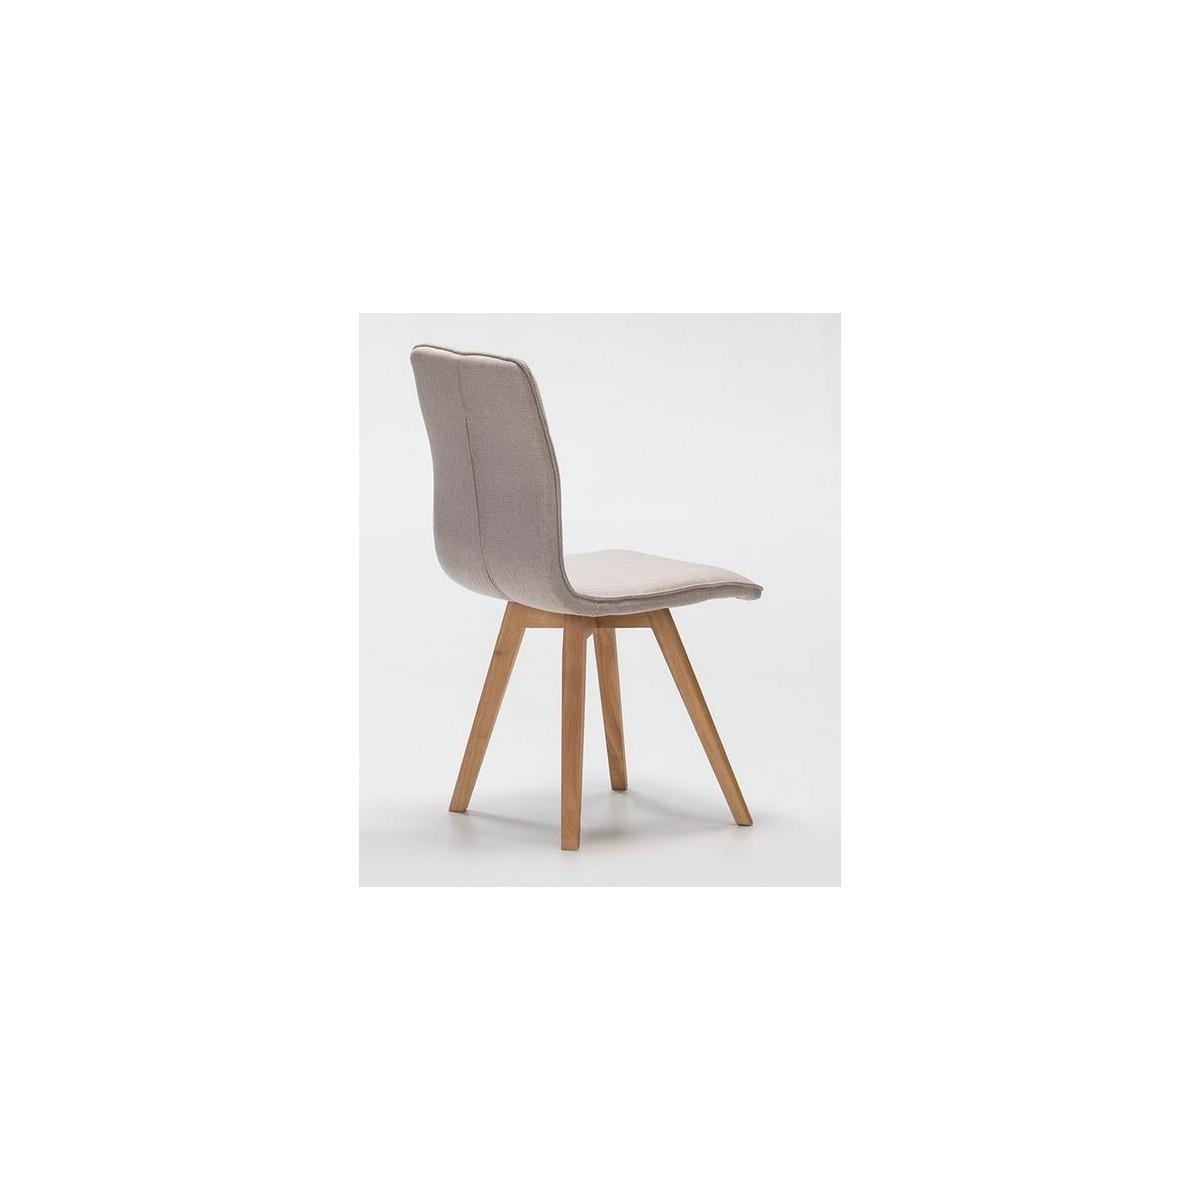 Silla moderna tela marr n y madera de hevea de marckeric - Tela para sillas ...